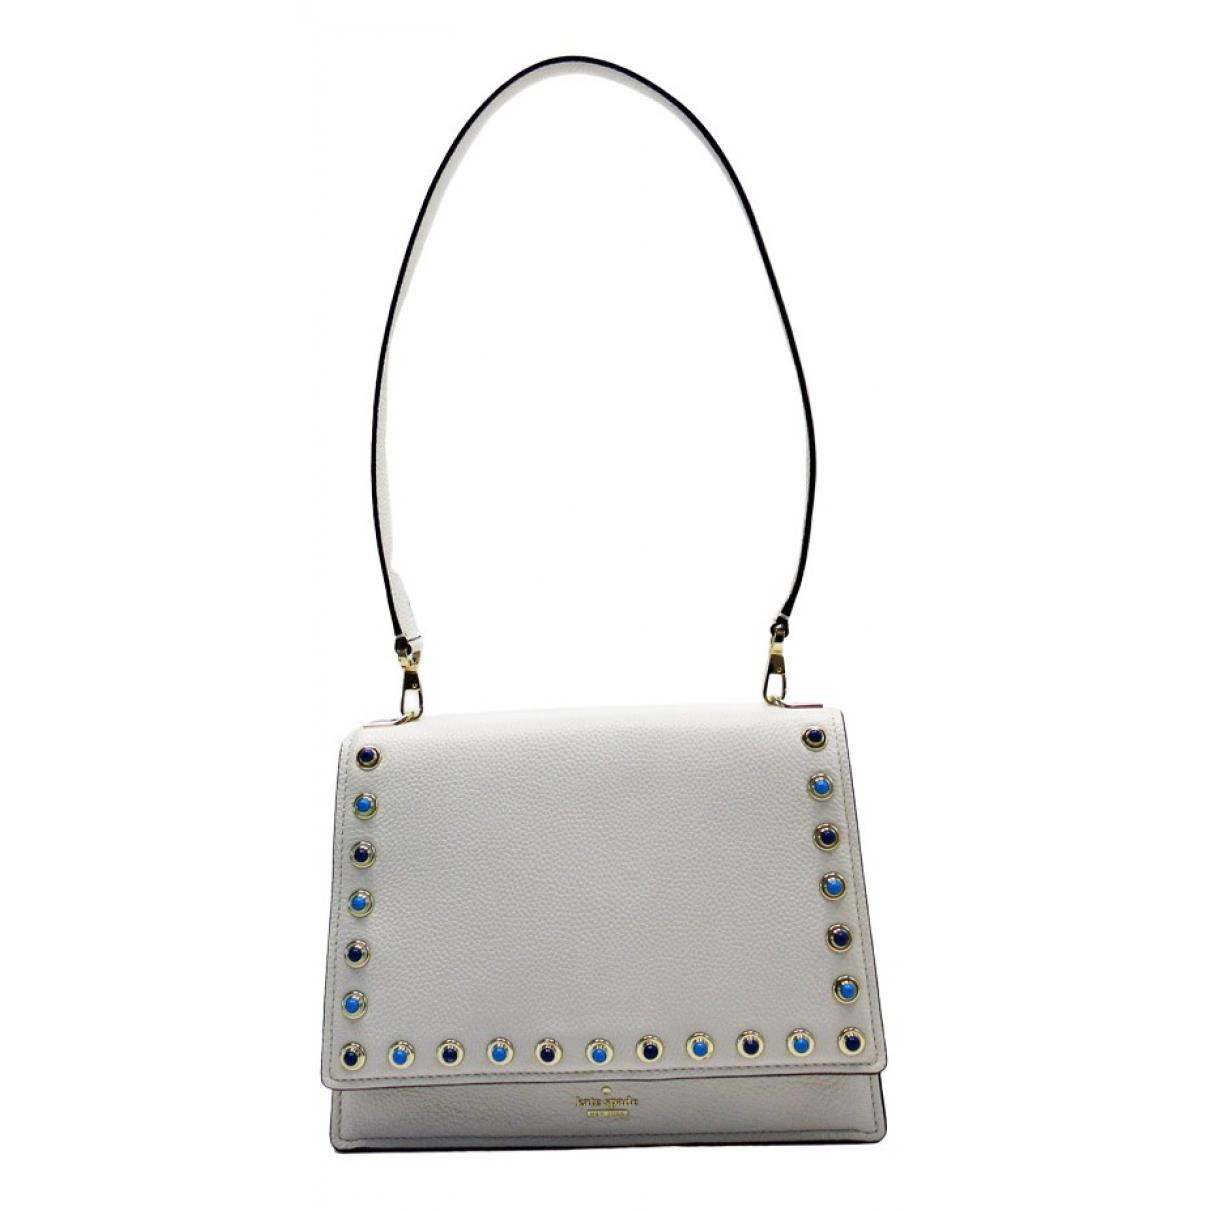 Kate Spade \N White Leather handbag for Women \N